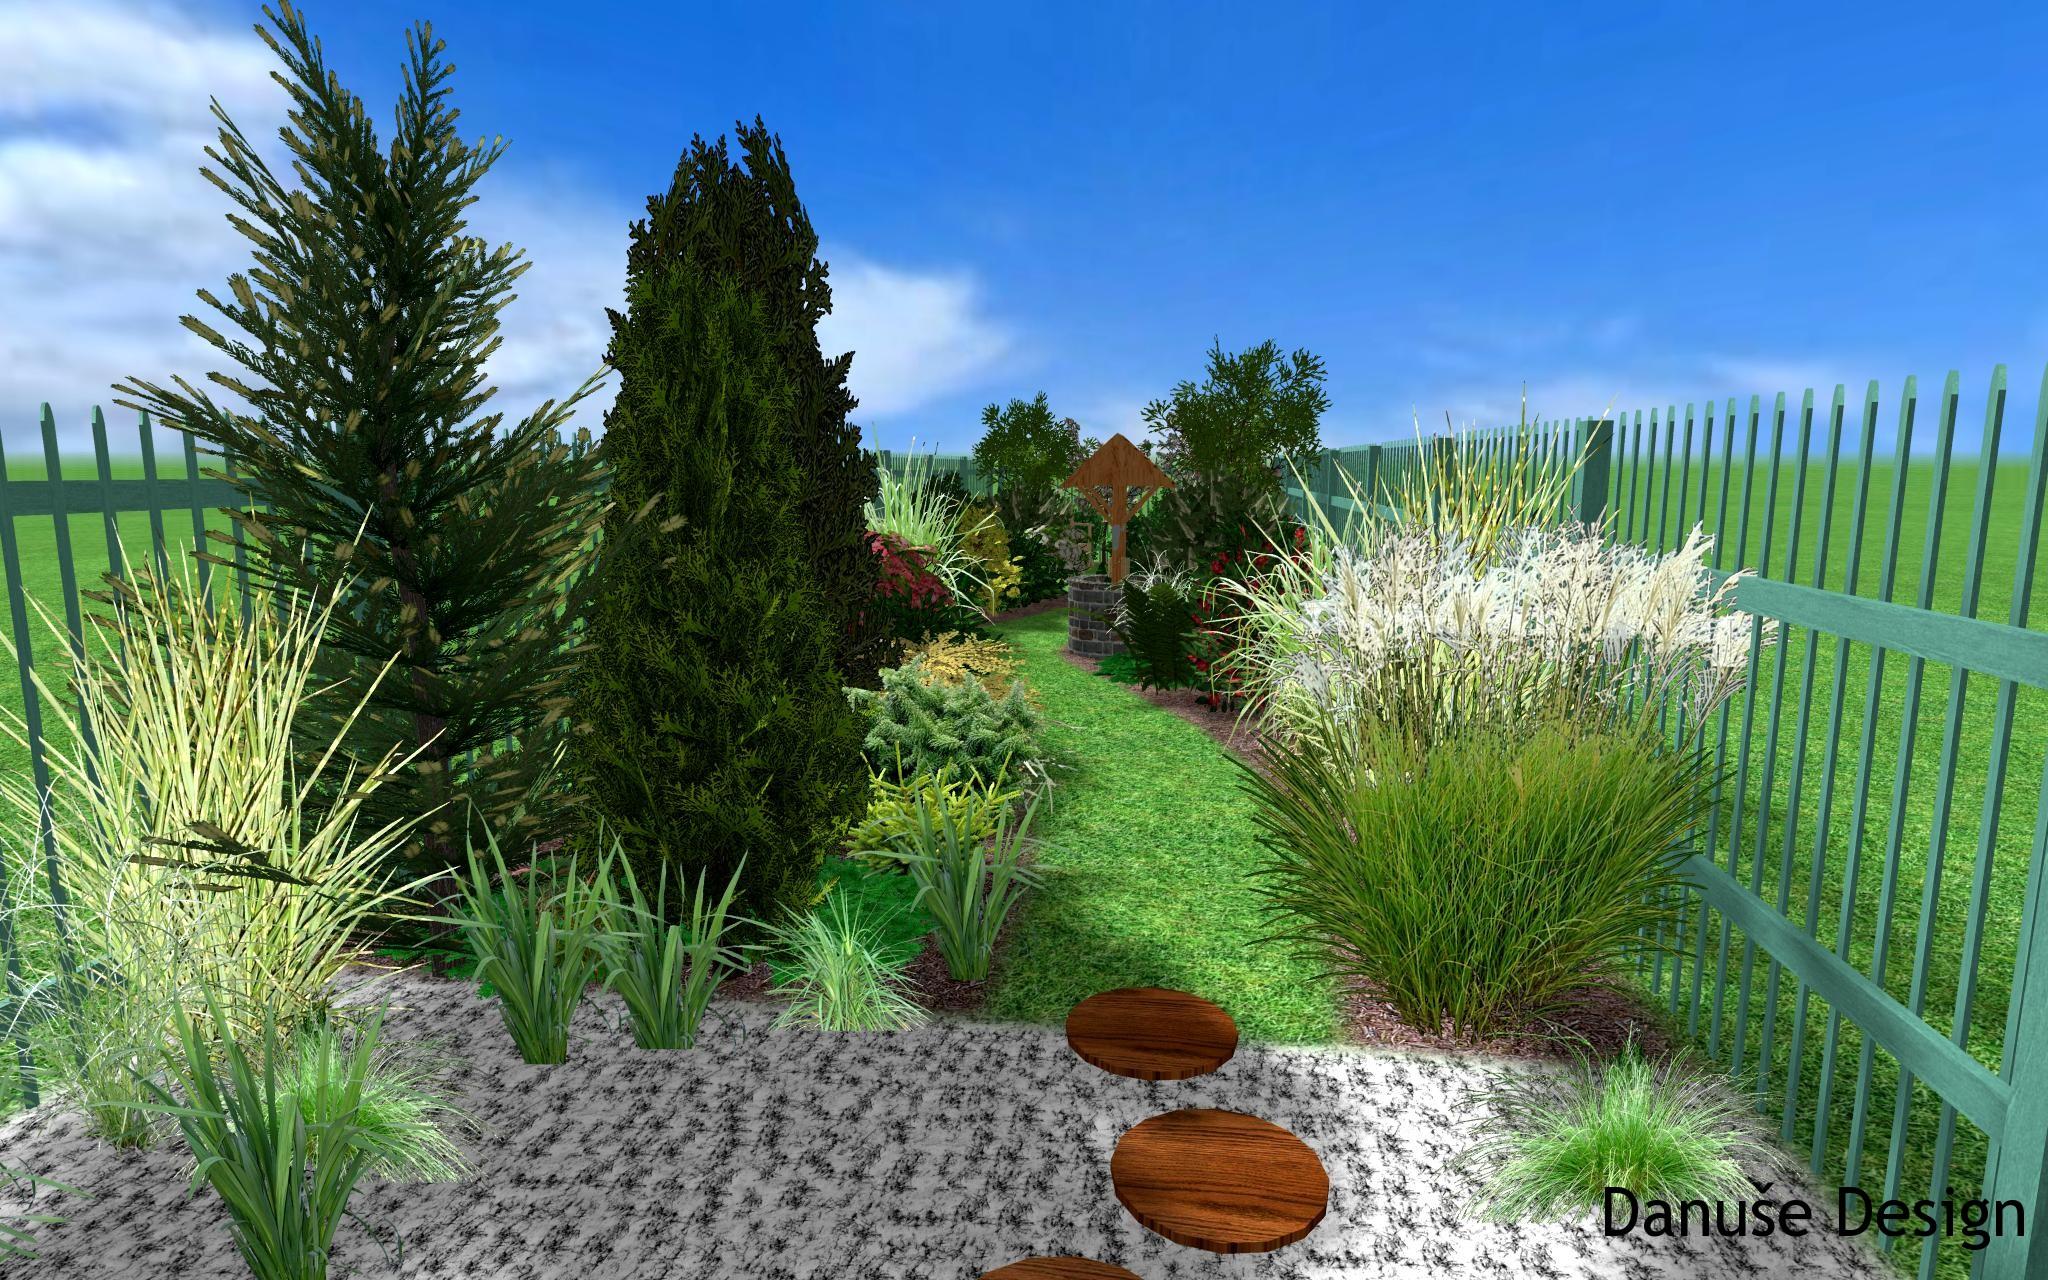 Zahrada s podzemní nádrží15a